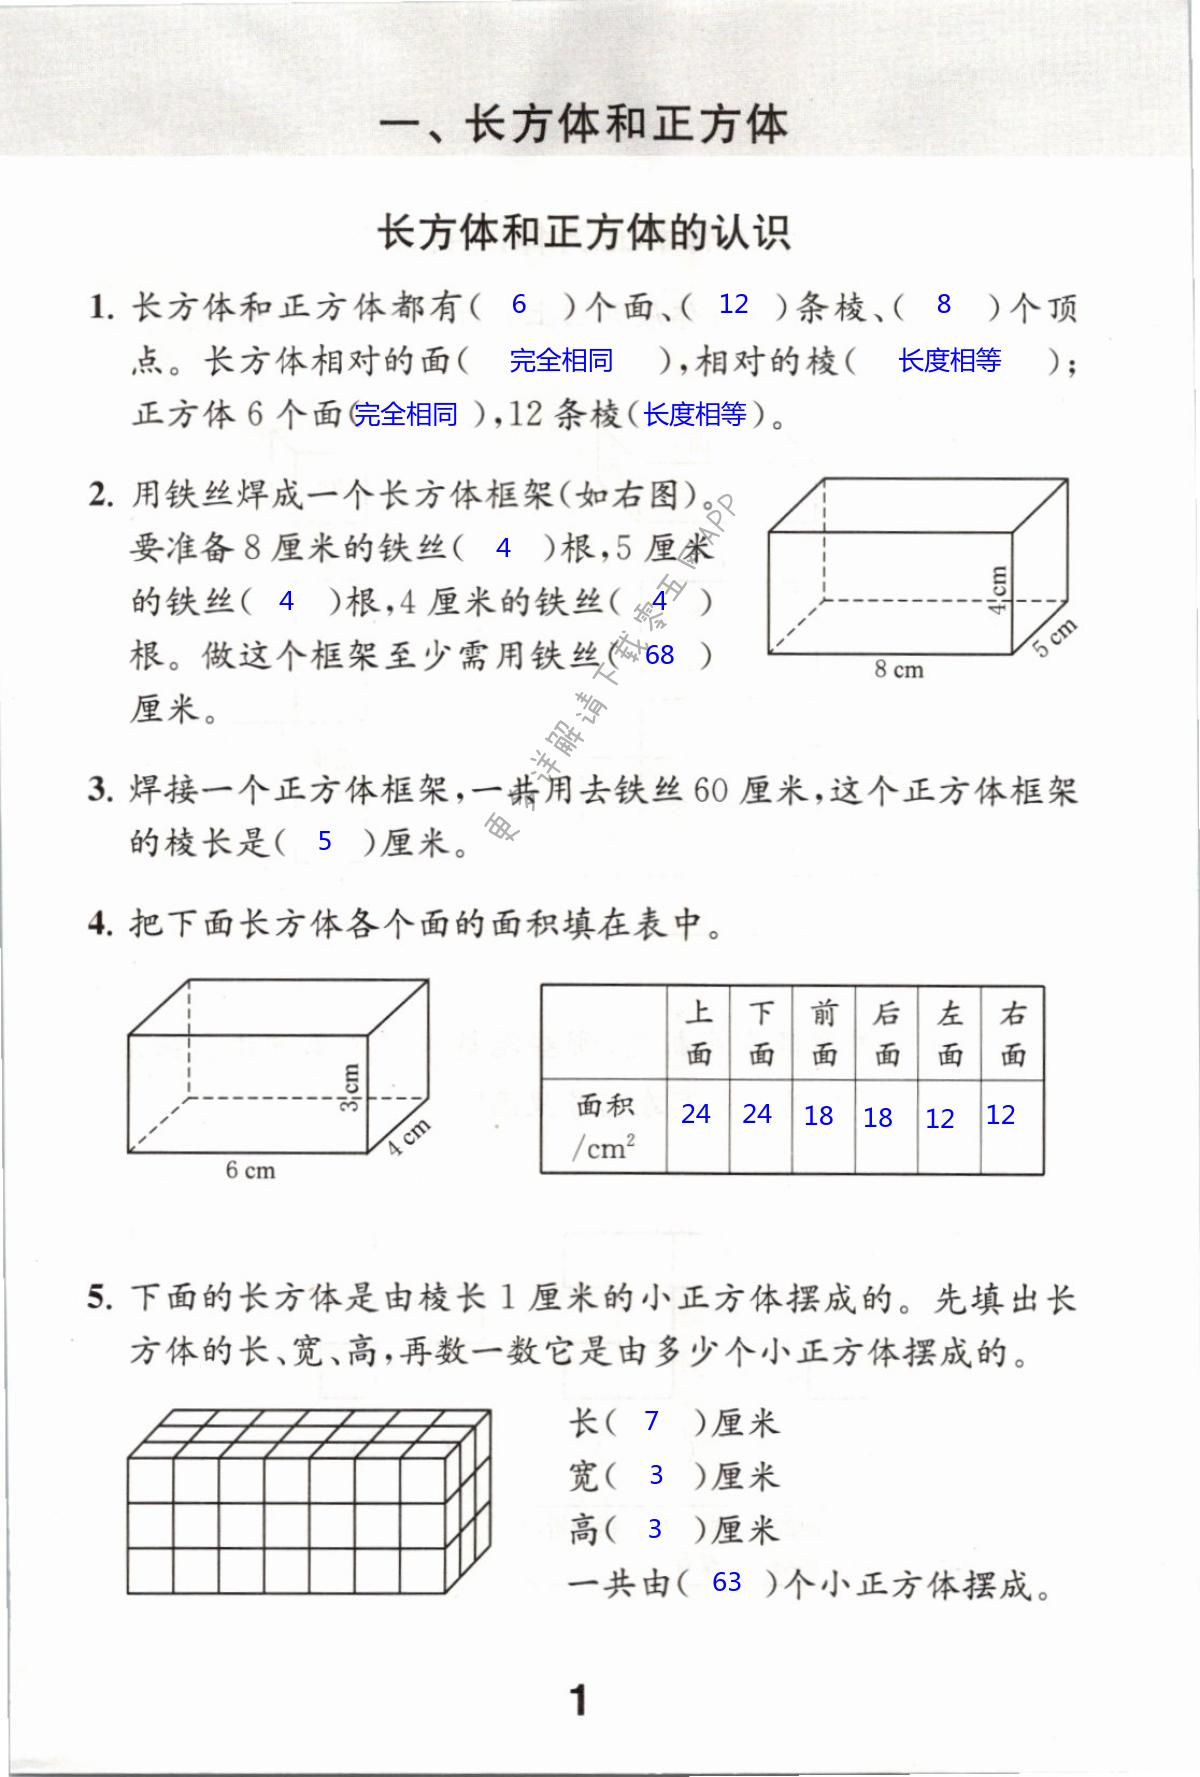 2021年数学补充习题六年级上册苏教版第1页